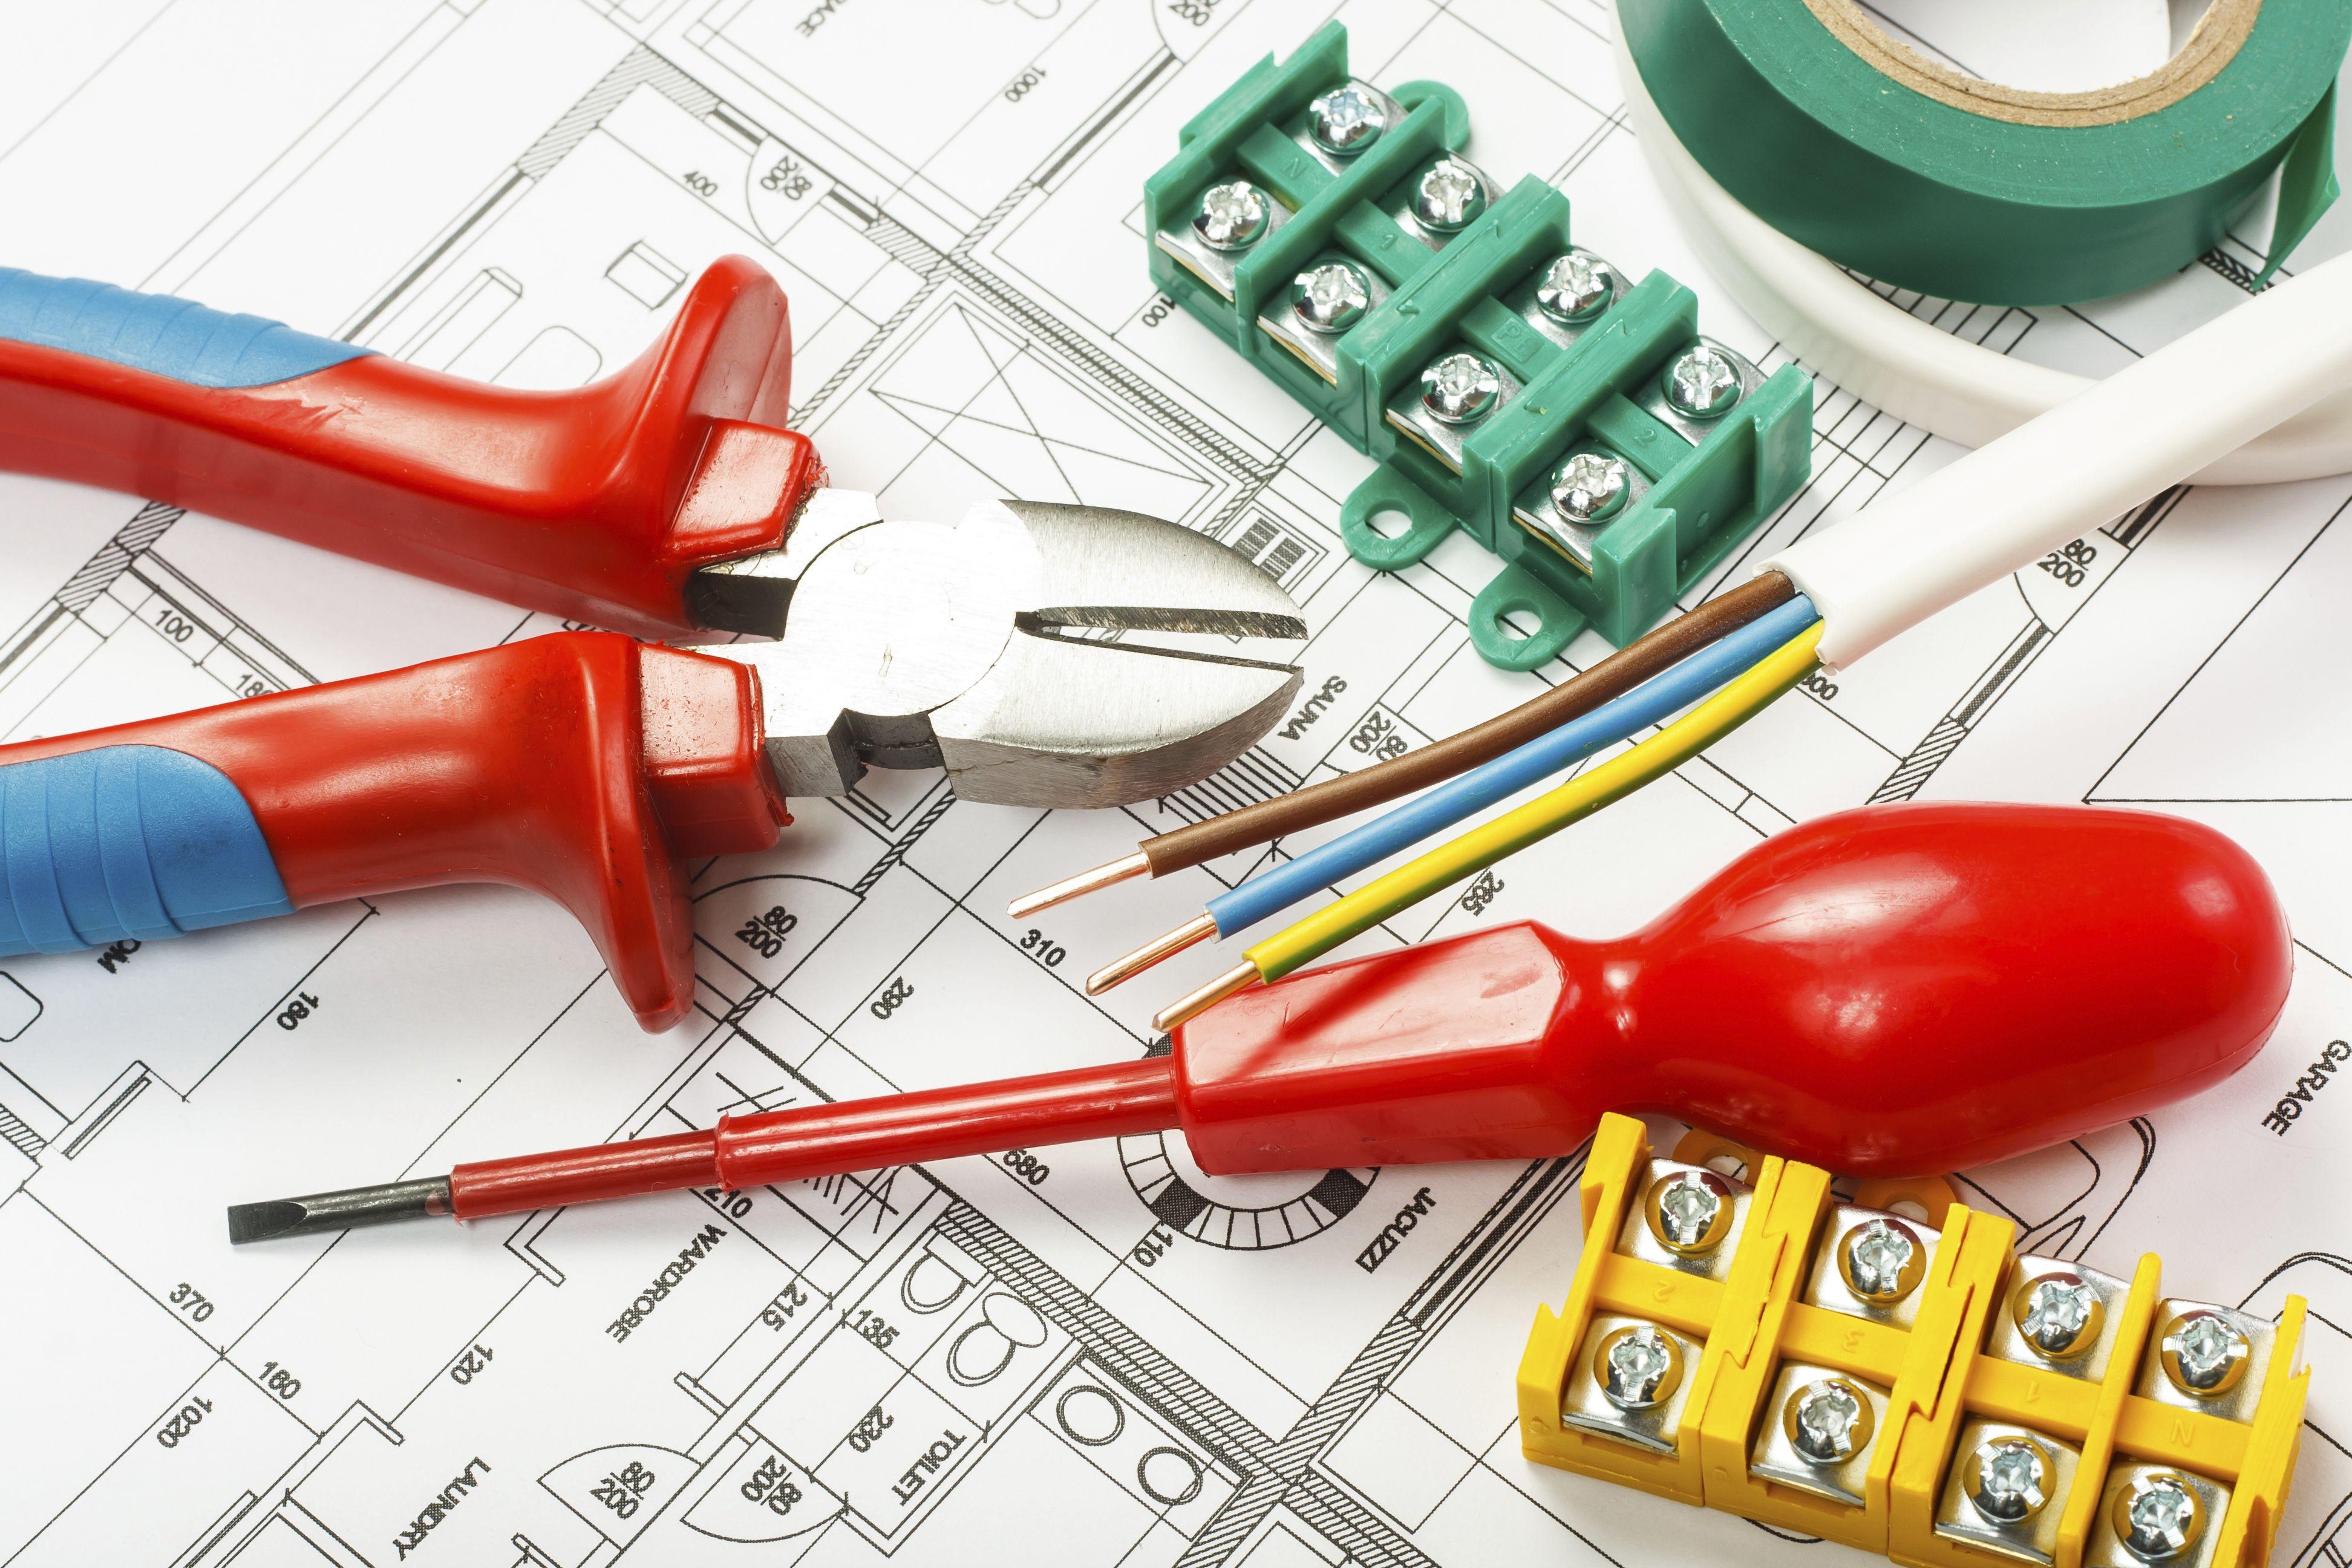 Tienda de electricidad y ferretería: Servicios de Electricidad Varela